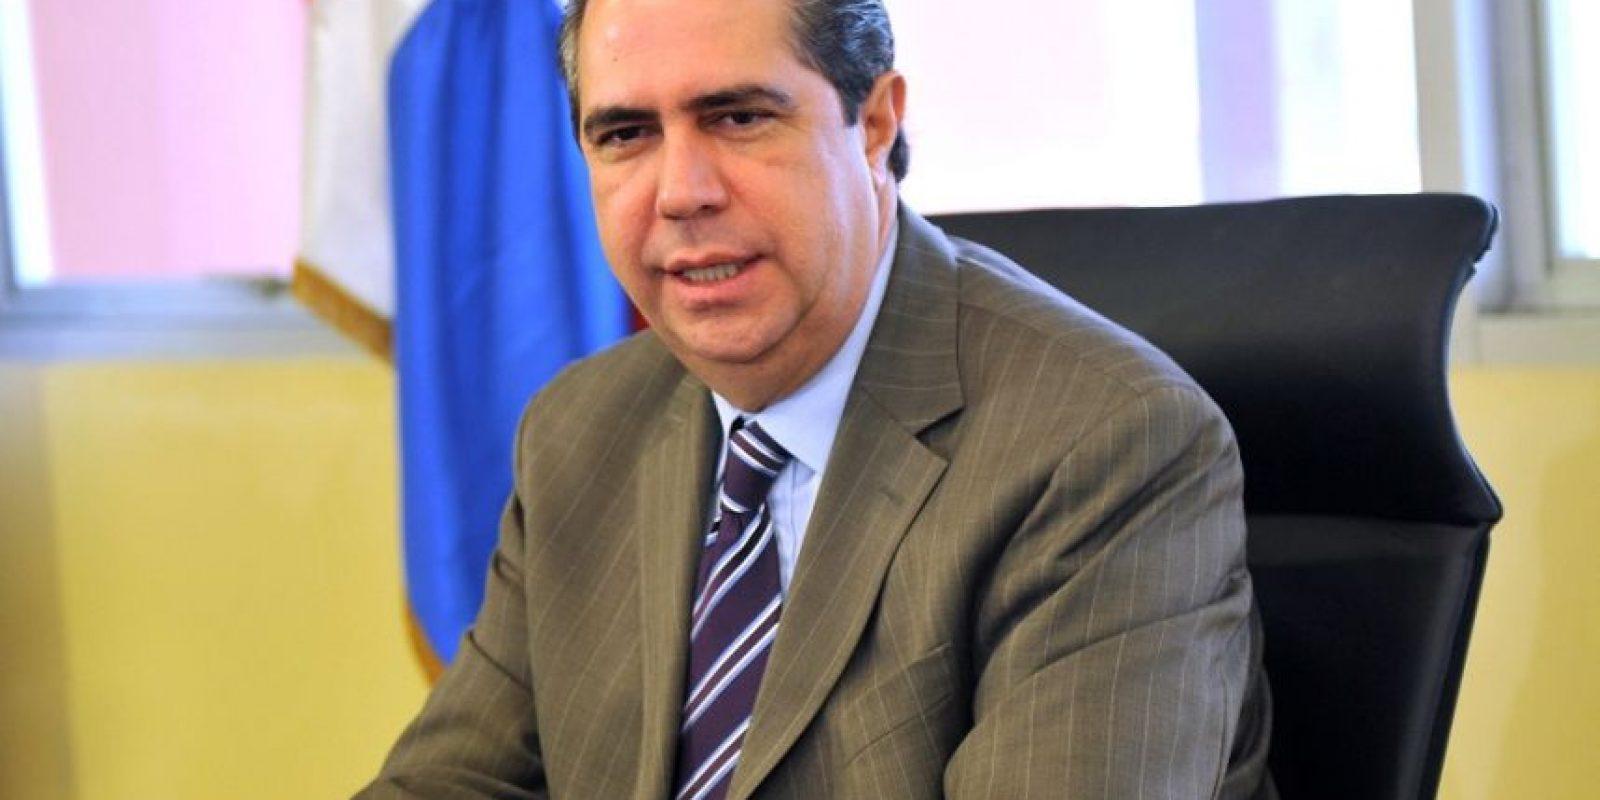 Francisco Javier García Foto:Fuente externa